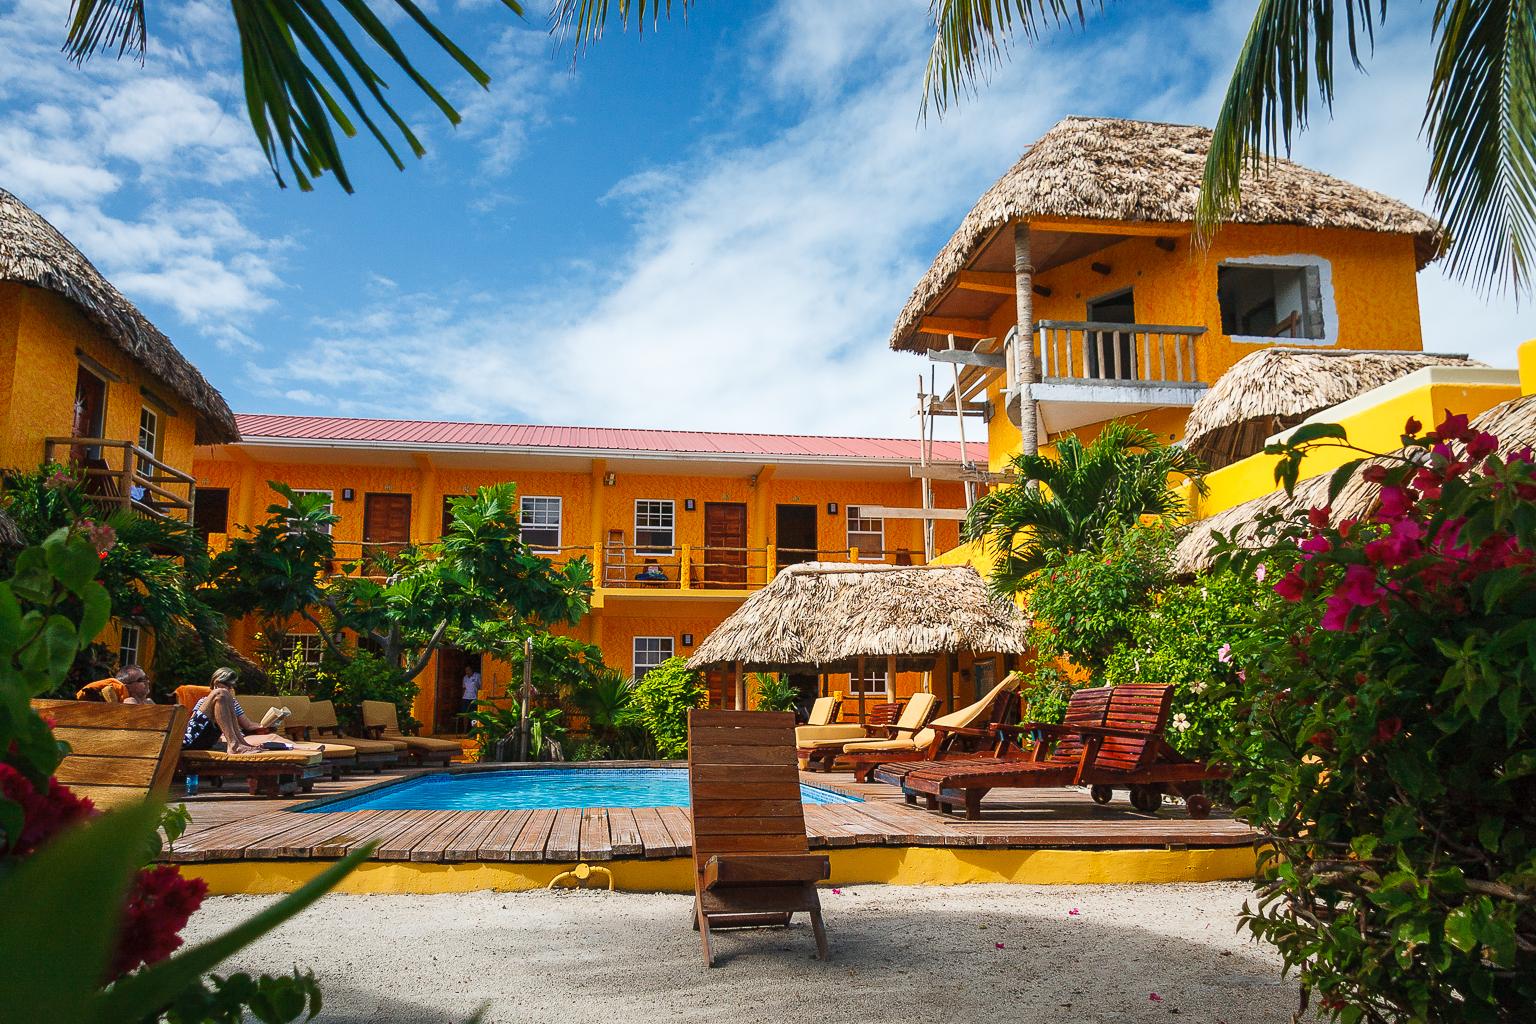 Hotel on Caye Caulker, Belize